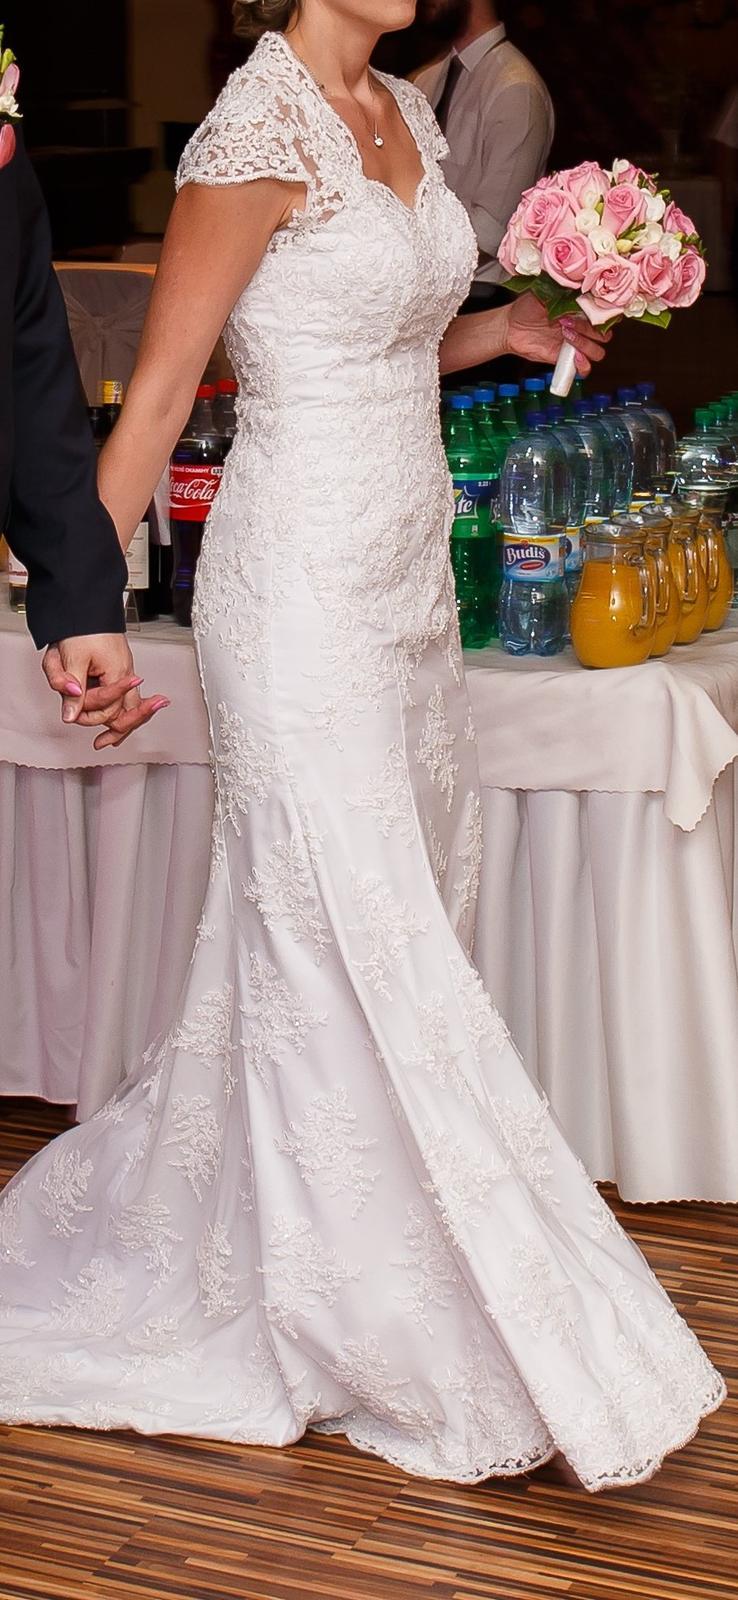 Svadobné šaty čipkované veľkosť 40-42 - Obrázok č. 4